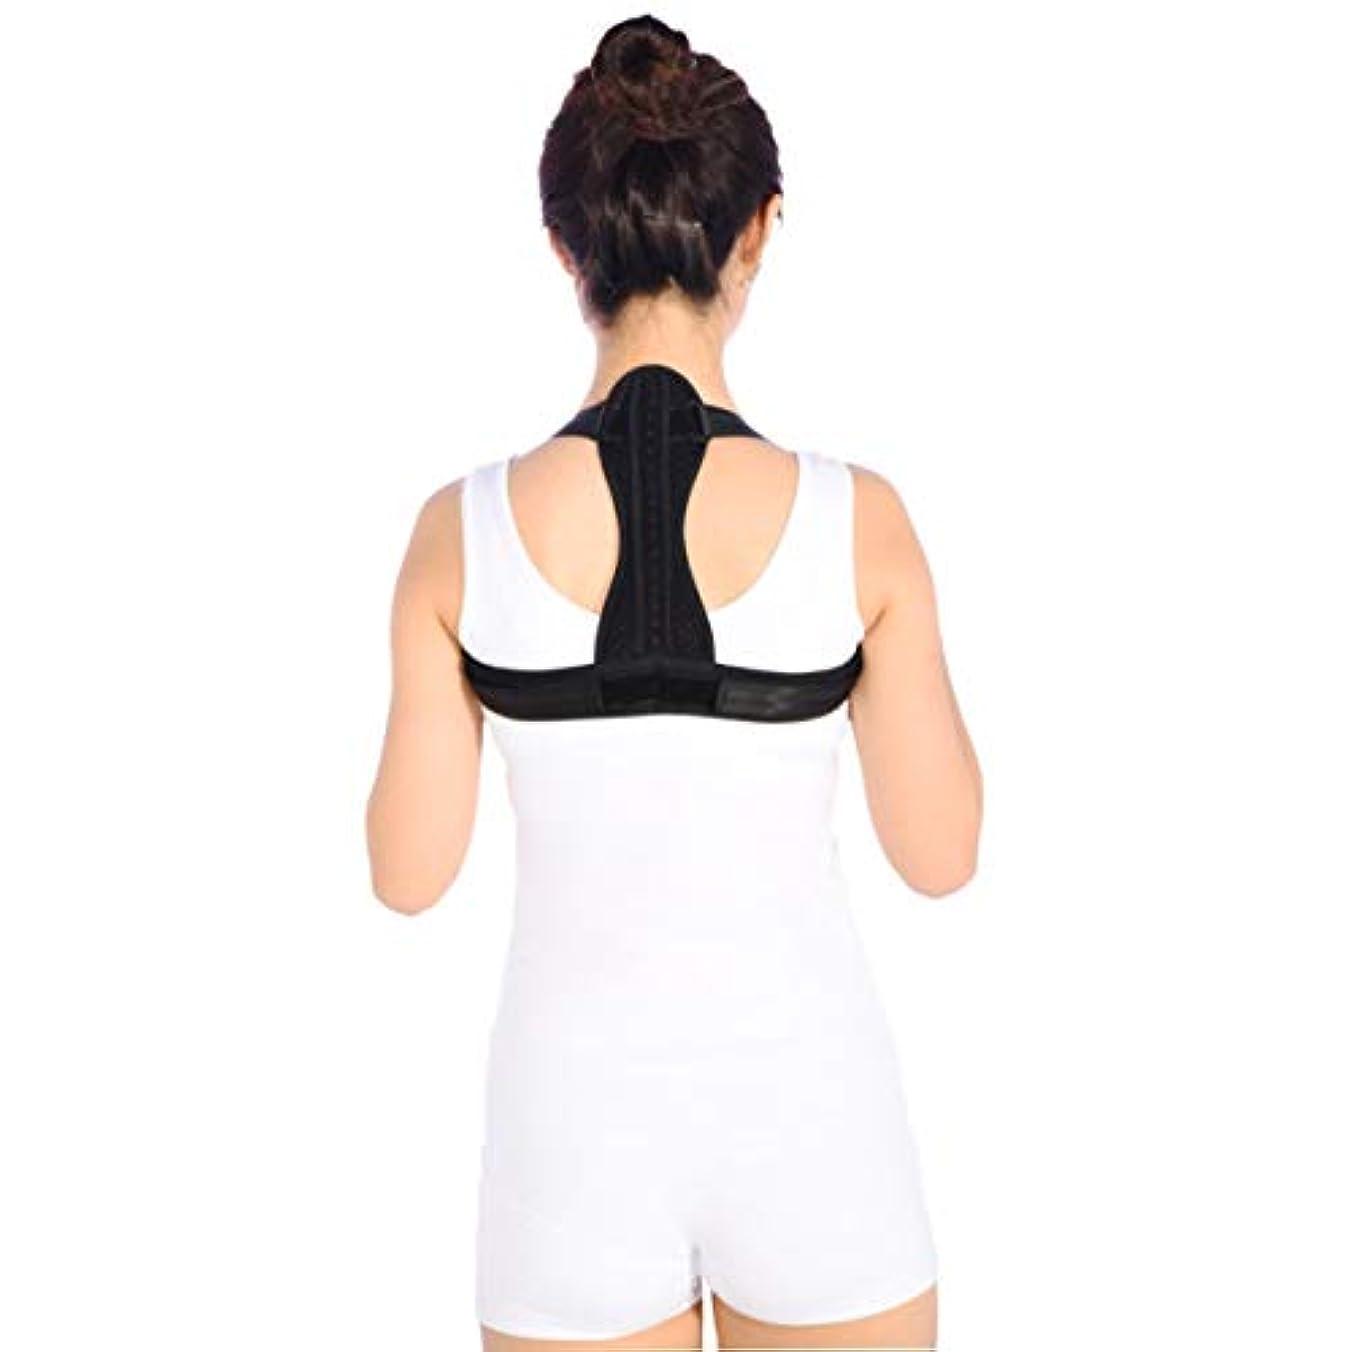 議会取る個人通気性の脊柱側弯症ザトウクジラ補正ベルト調節可能な快適さ目に見えないベルト男性女性大人学生子供 - 黒